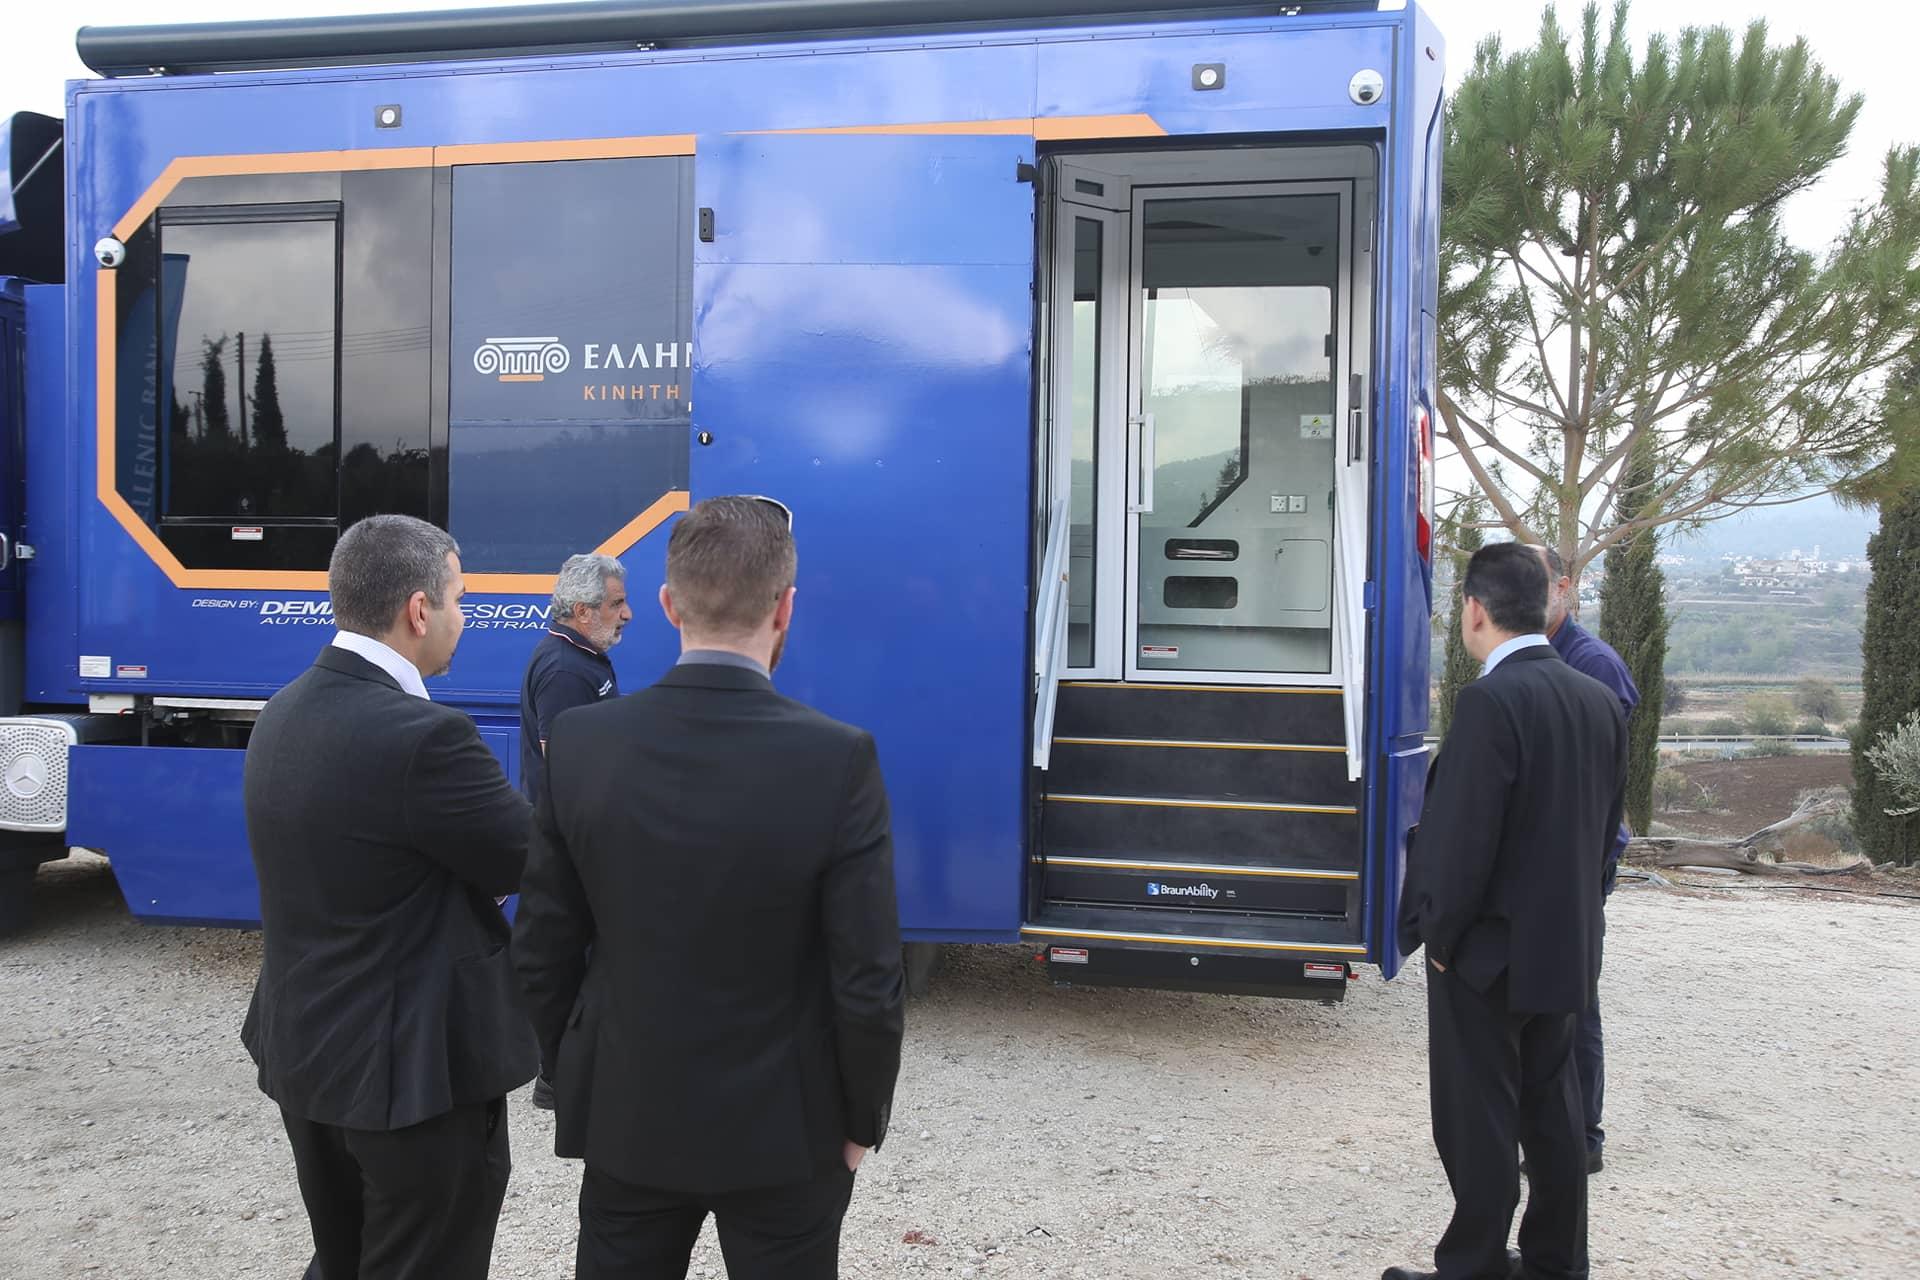 Η Ελληνική Τράπεζα παρουσίασε την πρώτη Κινητή Τραπεζική